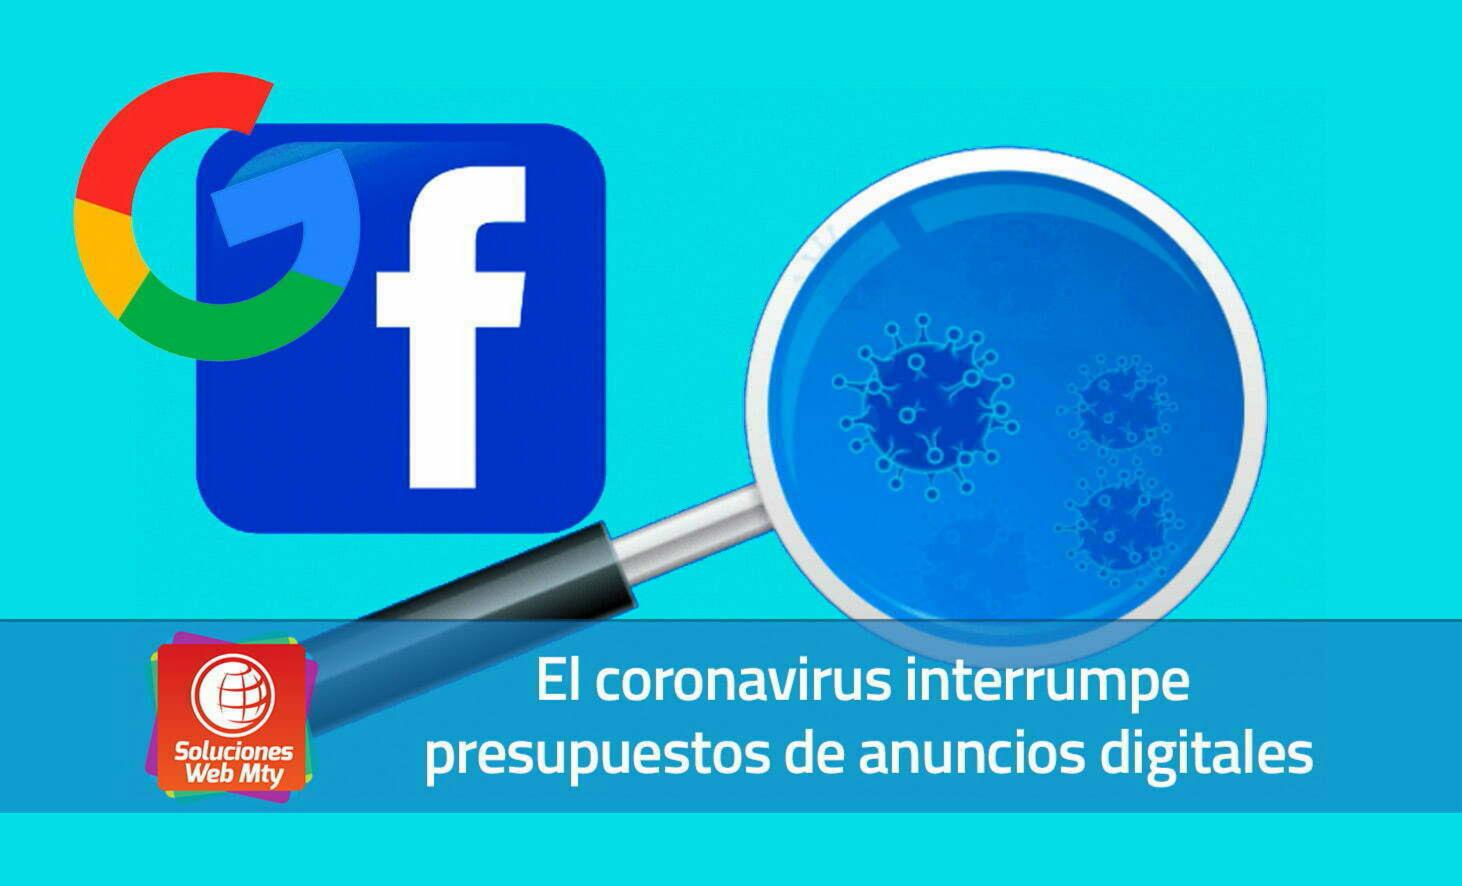 El coronavirus interrumpe presupuestos de anuncios digitales